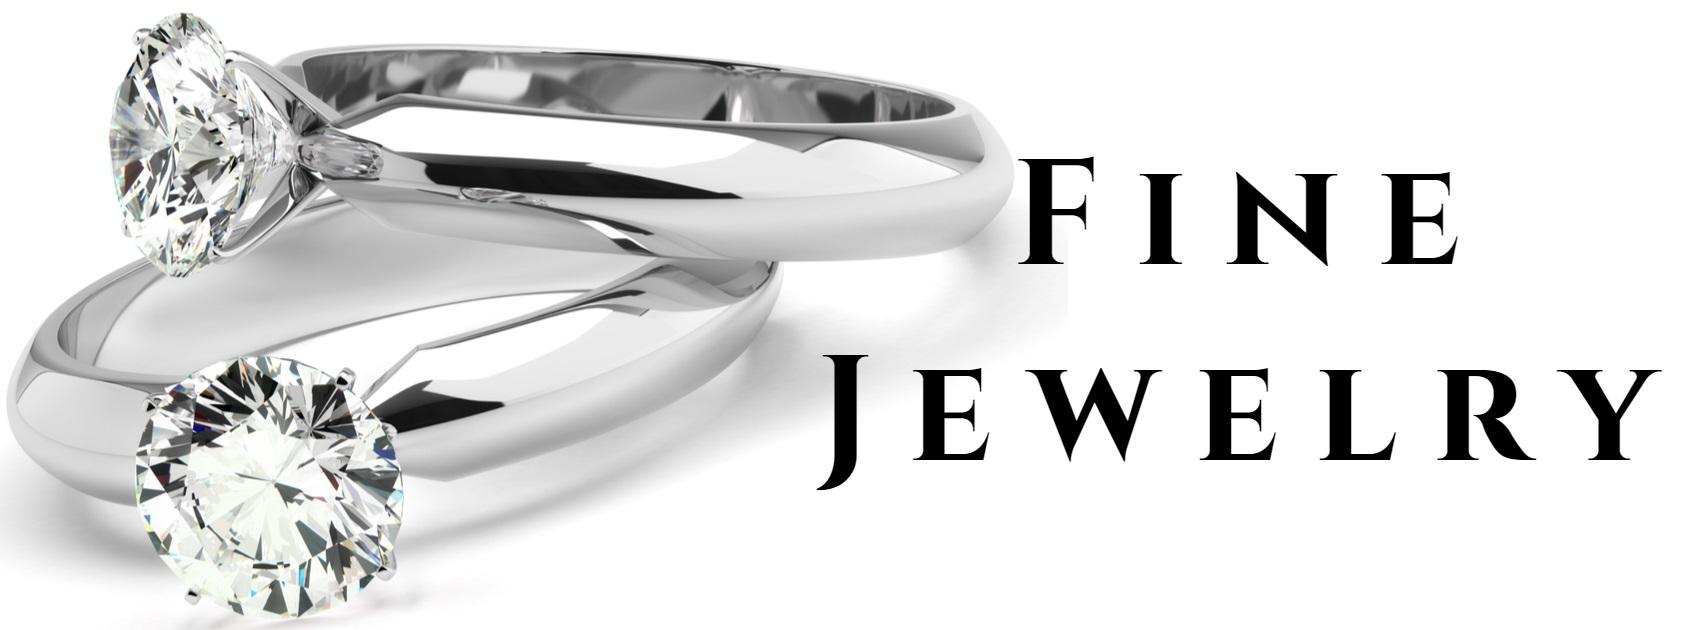 Antwerp Diamonds Jewelry and Fine Watches - Fine Jewelry